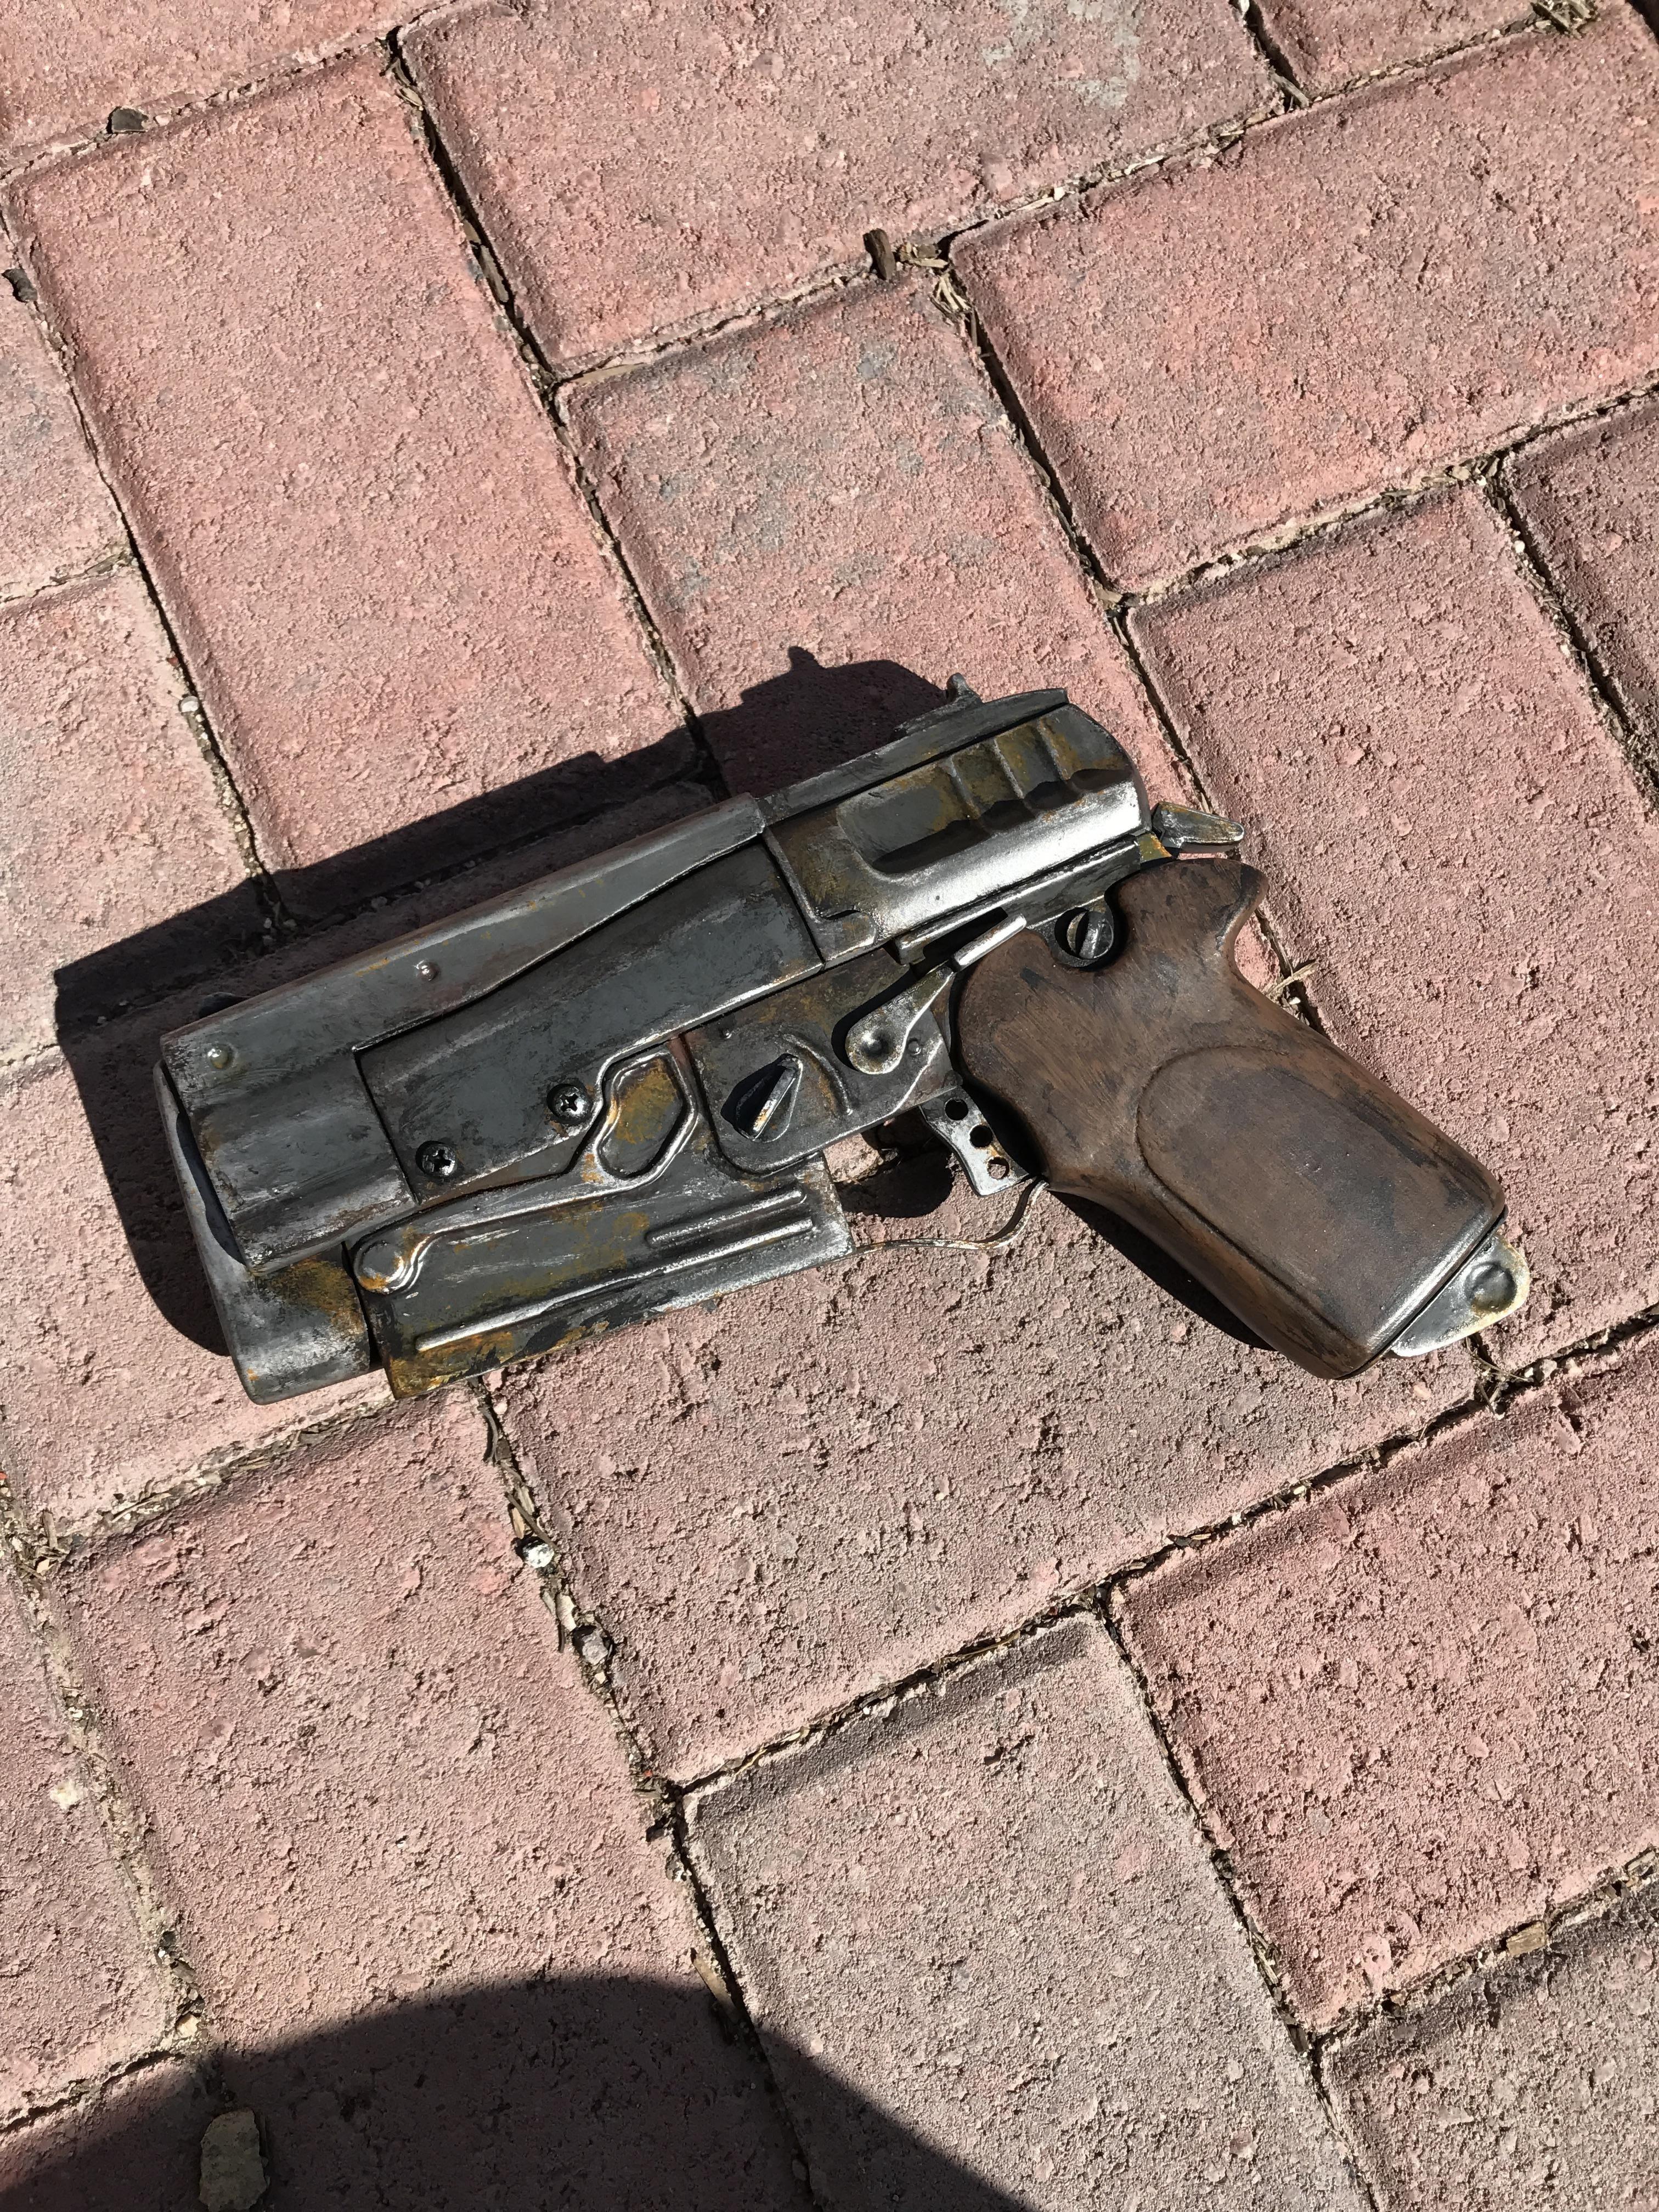 Papercraft Pistol Fallout 4 10mm Pistol Prop 3d Printed